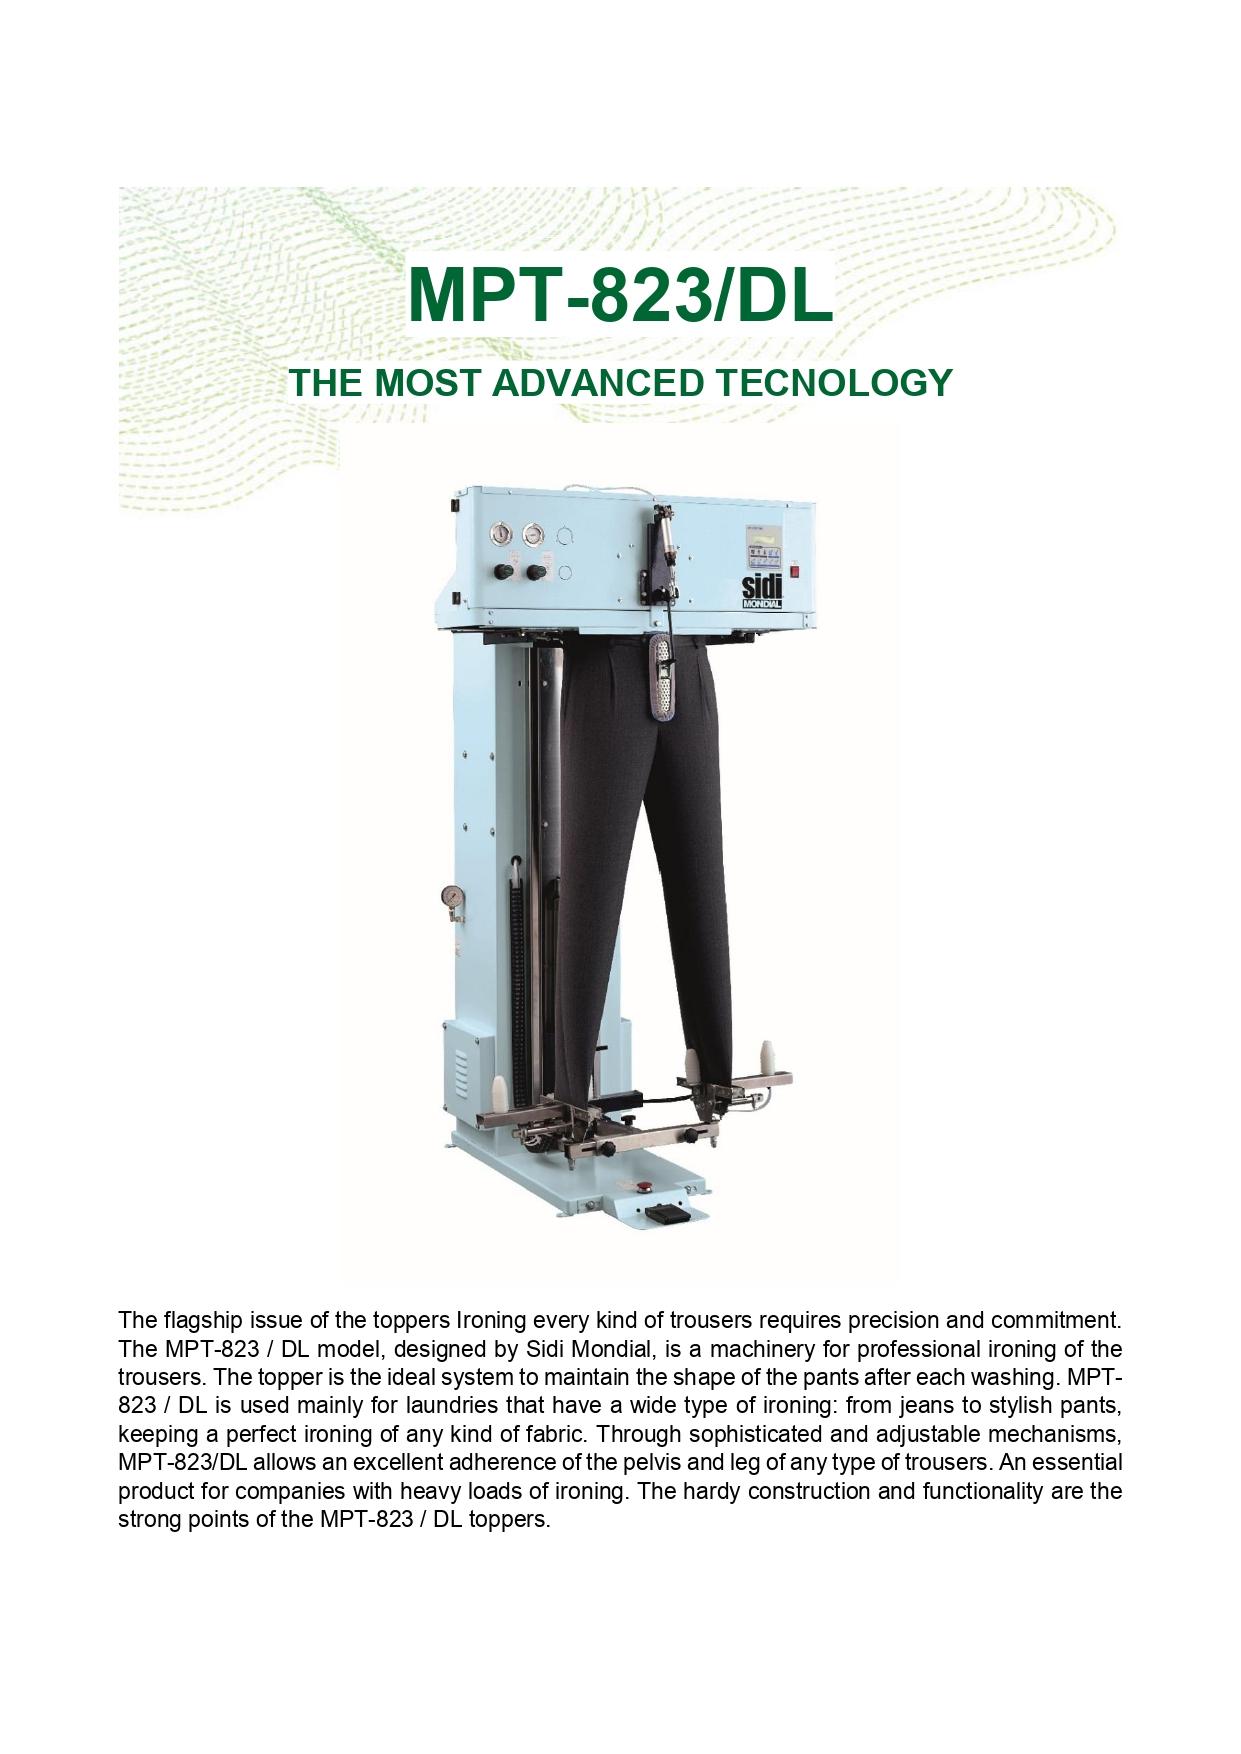 MPT-823/DL